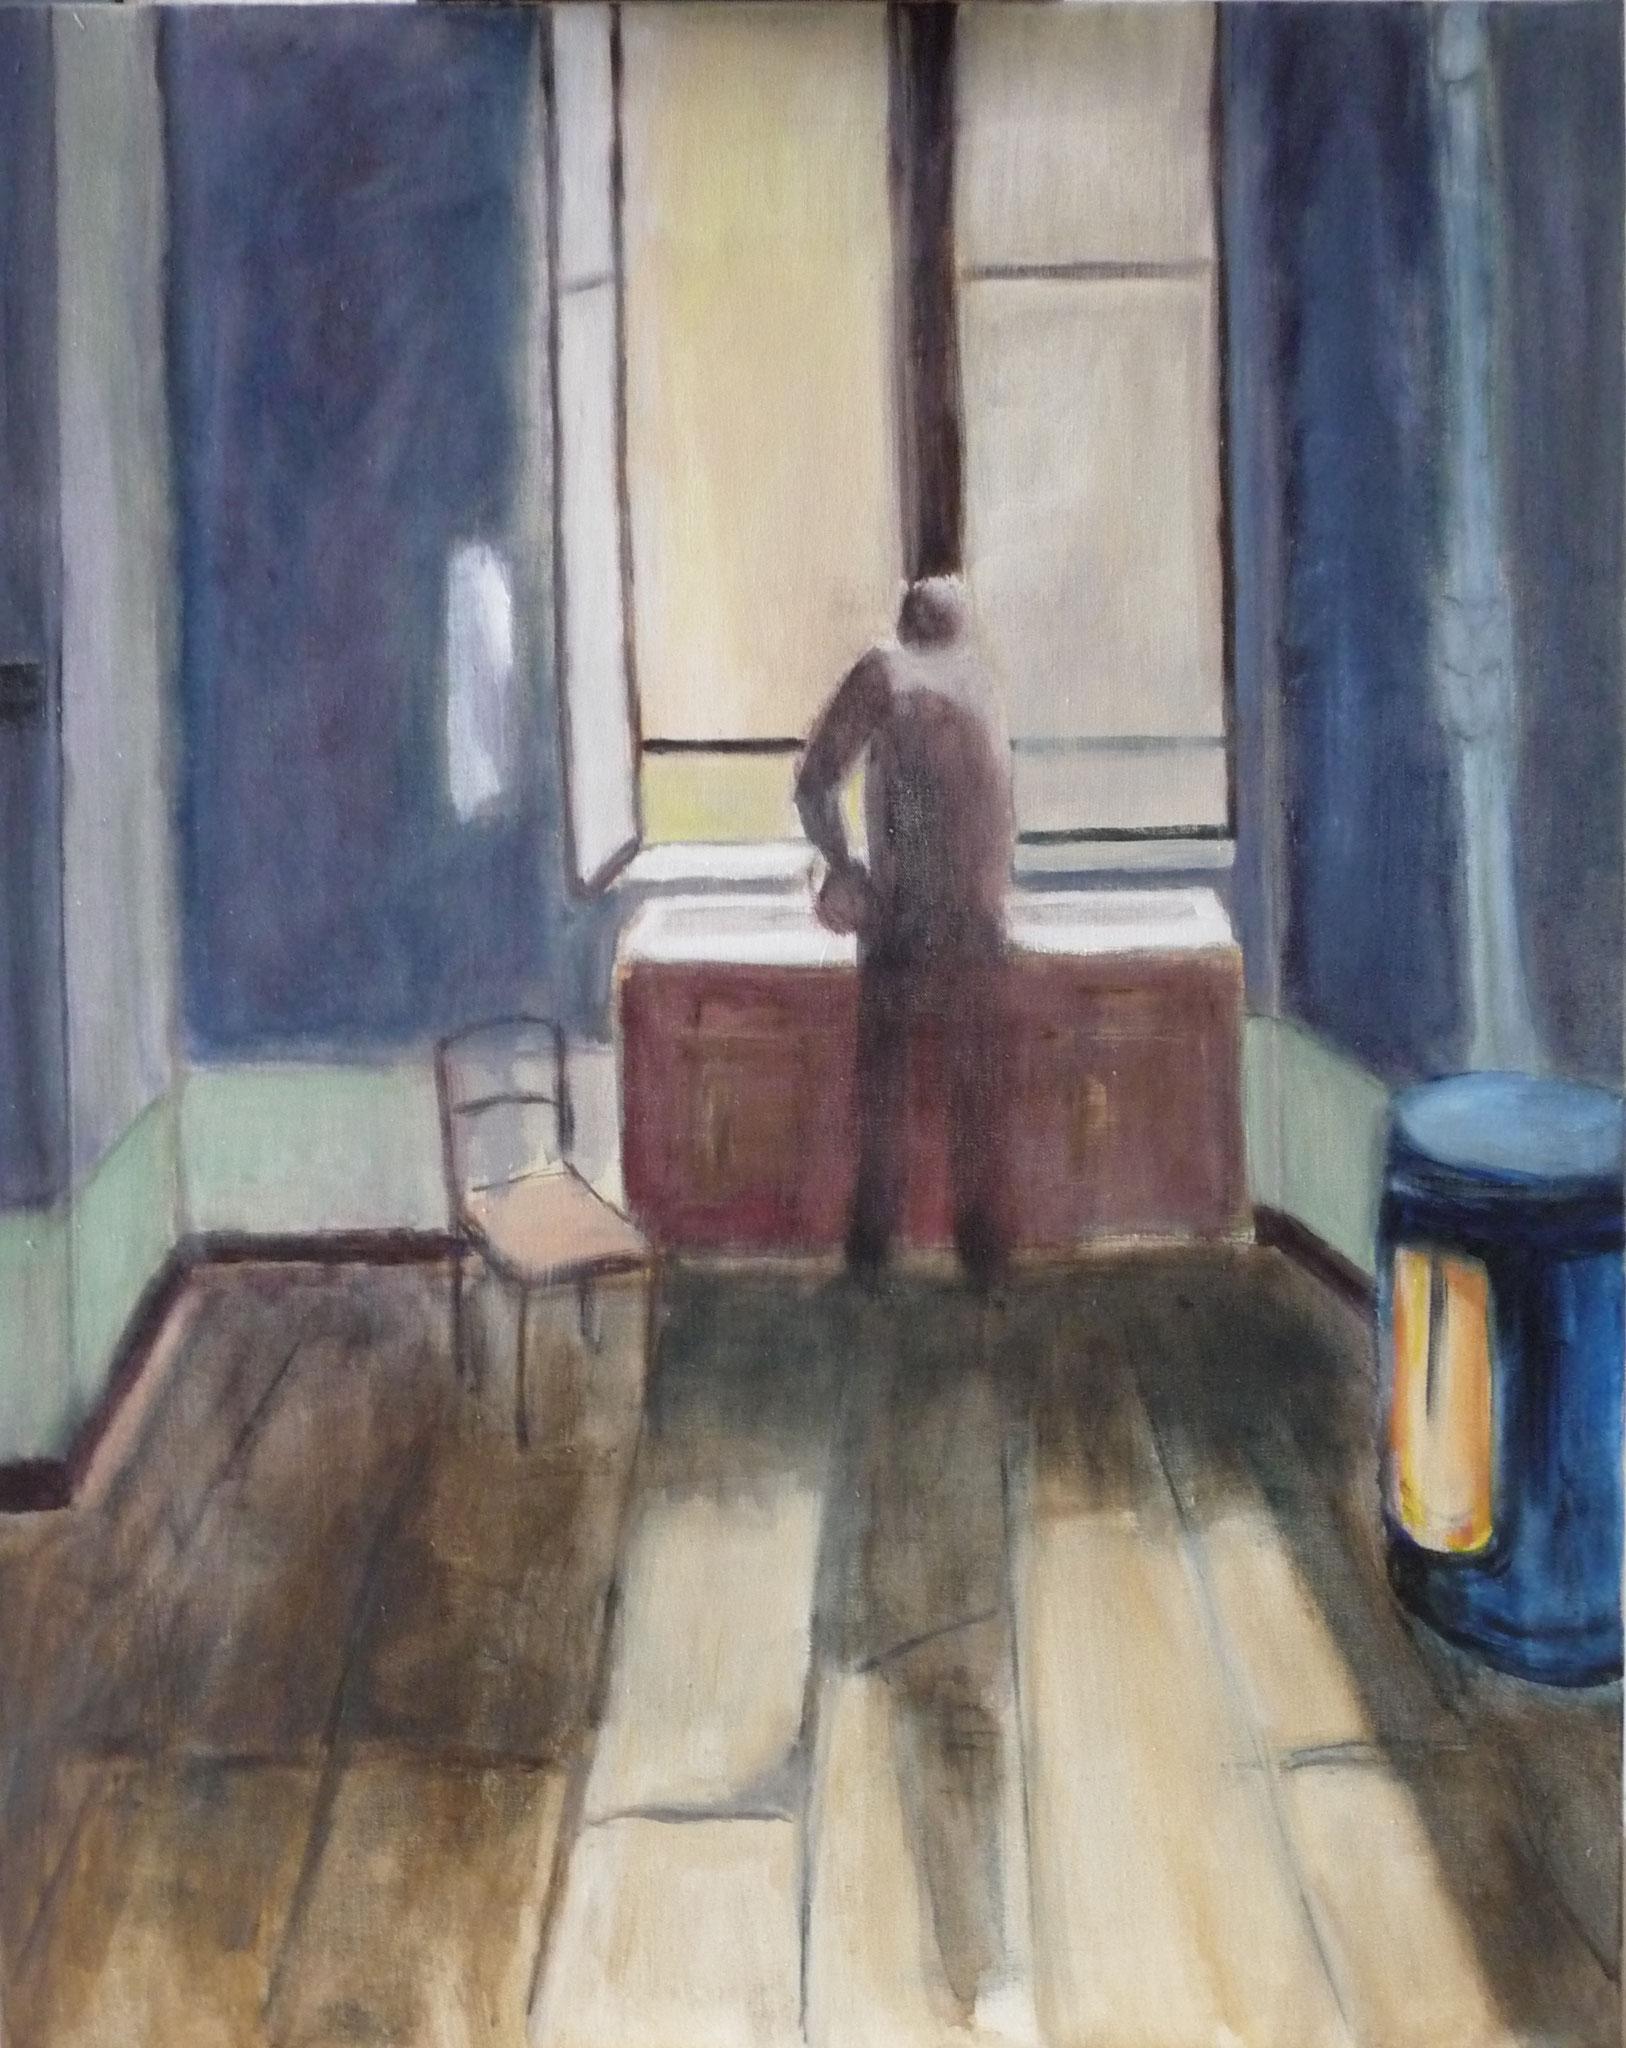 Petit matin 2 - Hommage à Tarkovsky   ---   2012 - Acrylique sur toile - 81 x 65 cm